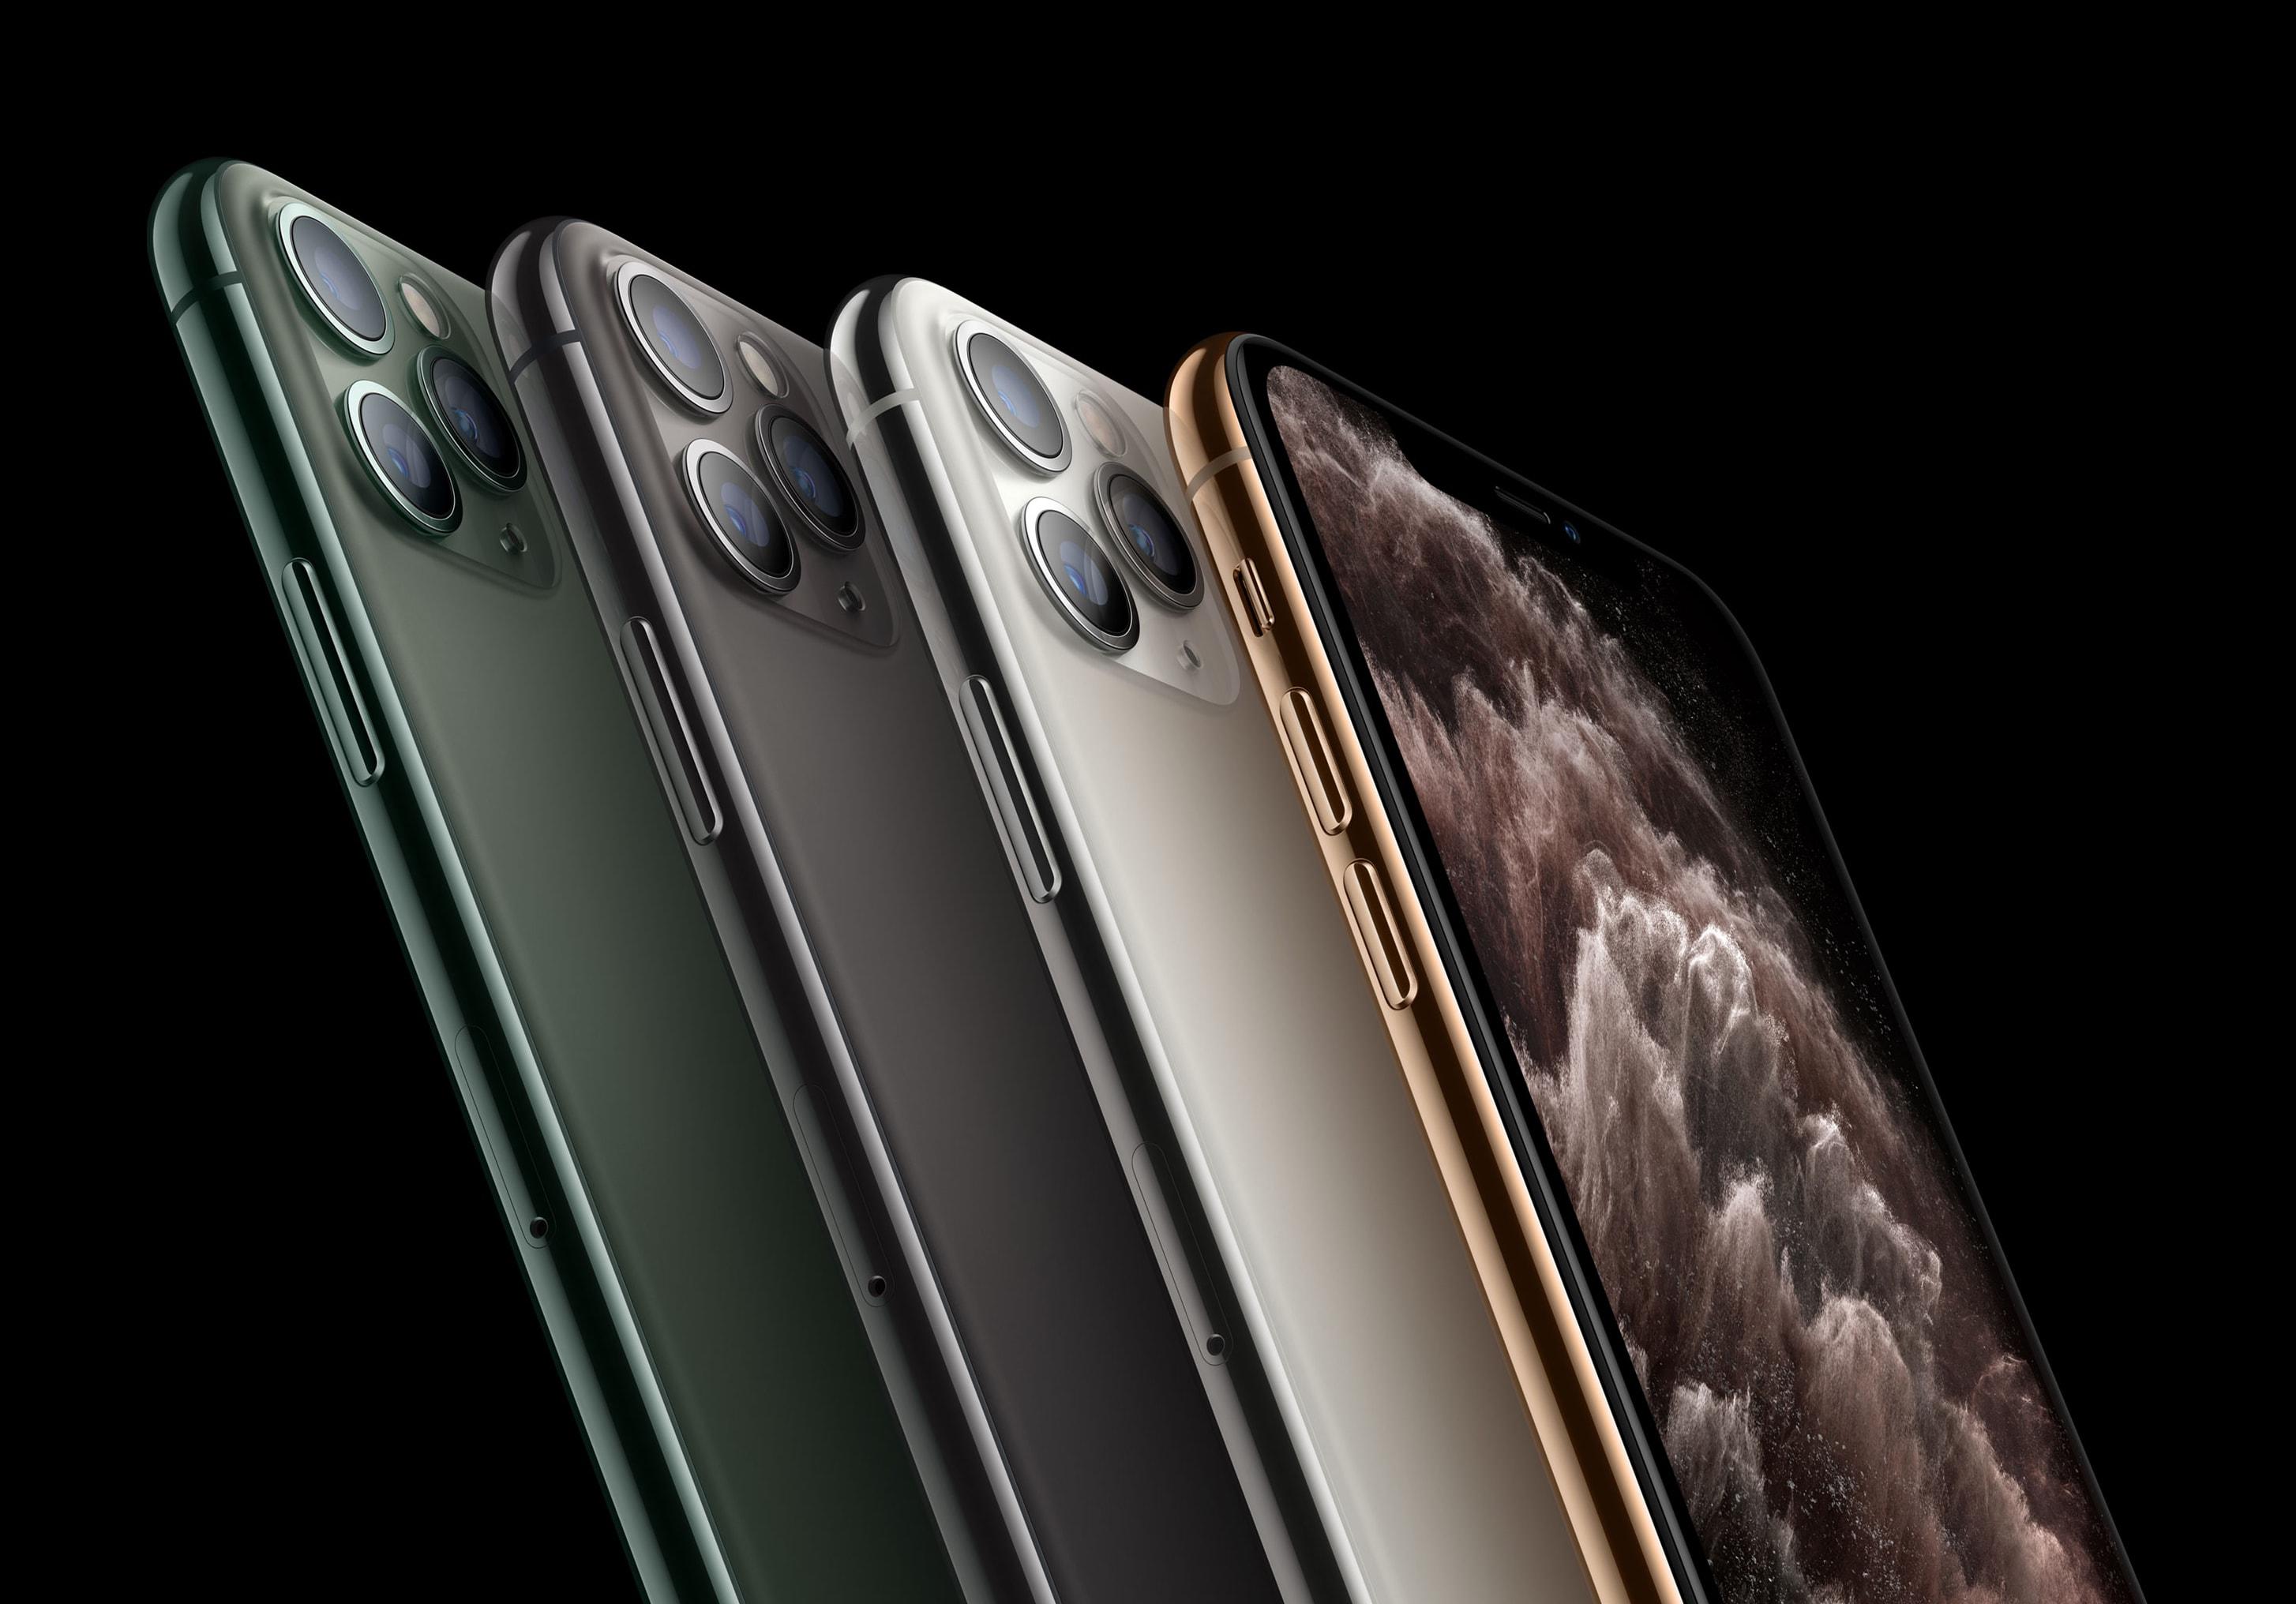 As quatro cores do iPhone 11 Pro